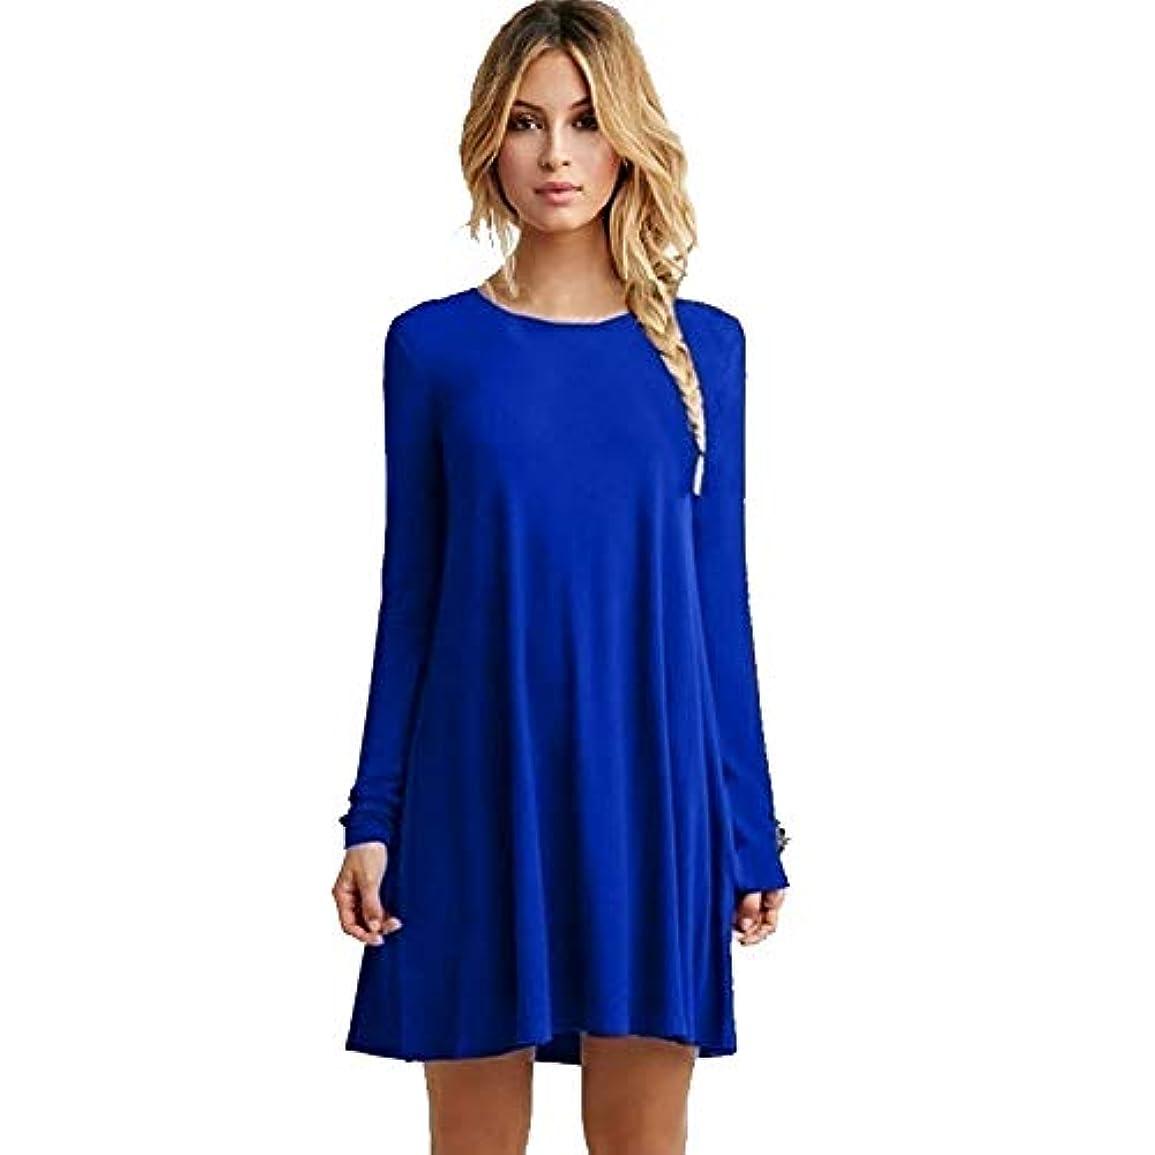 逃げる満足できる記憶MIFANルースドレス、プラスサイズのドレス、長袖のドレス、女性のドレス、秋のドレス、マキシドレス、コットンドレス